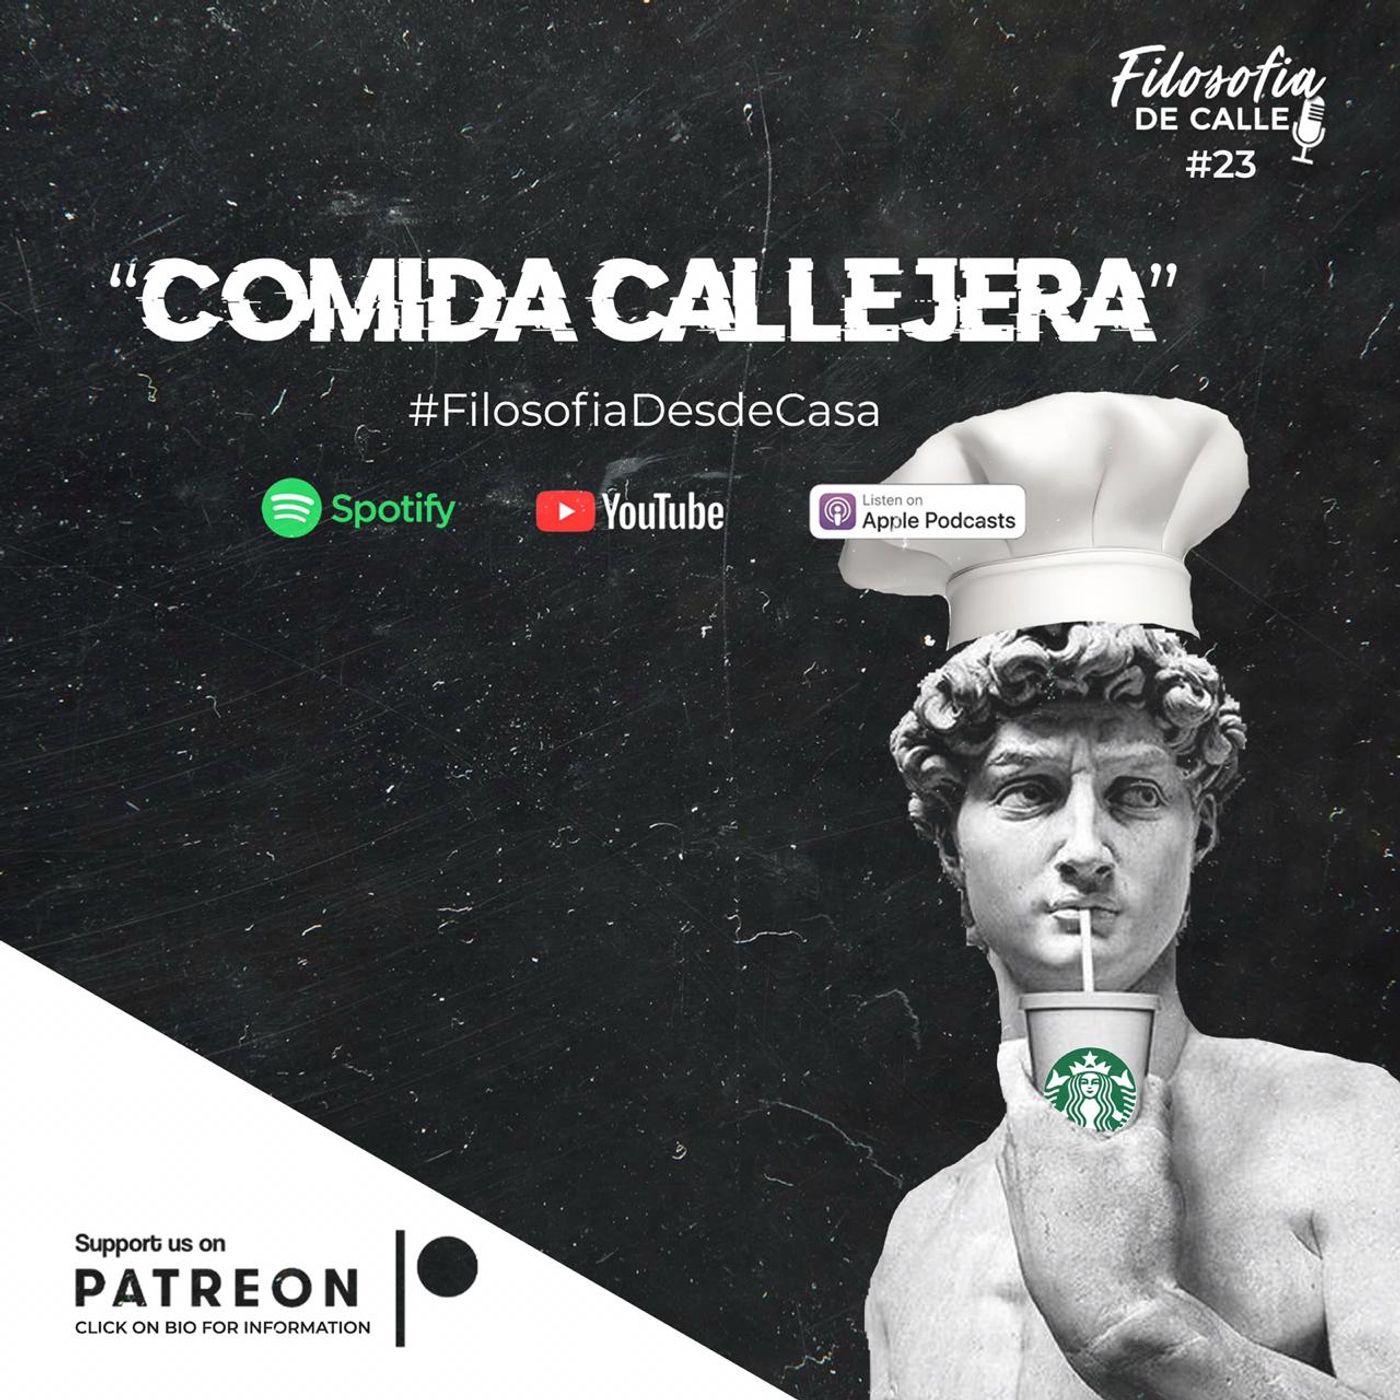 023. Comida Callejera